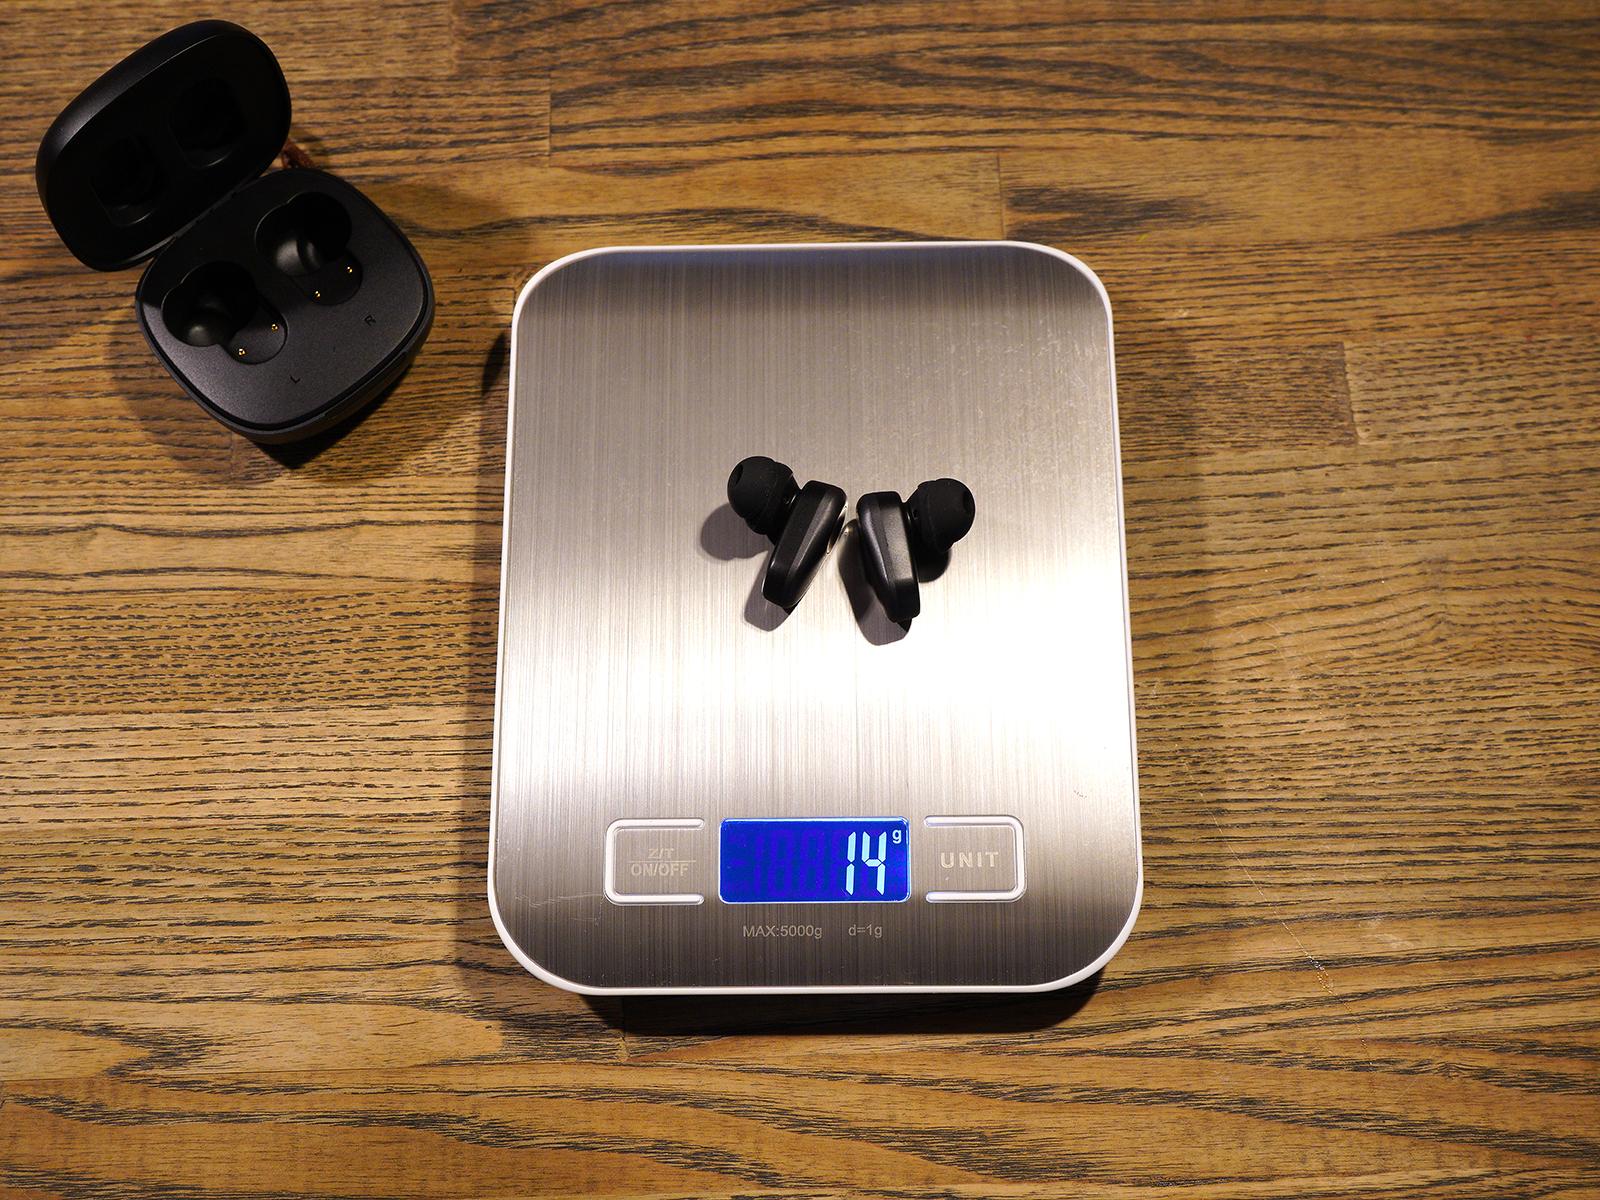 coumi-anc860 ワイヤレスイヤホン 本体 重さ